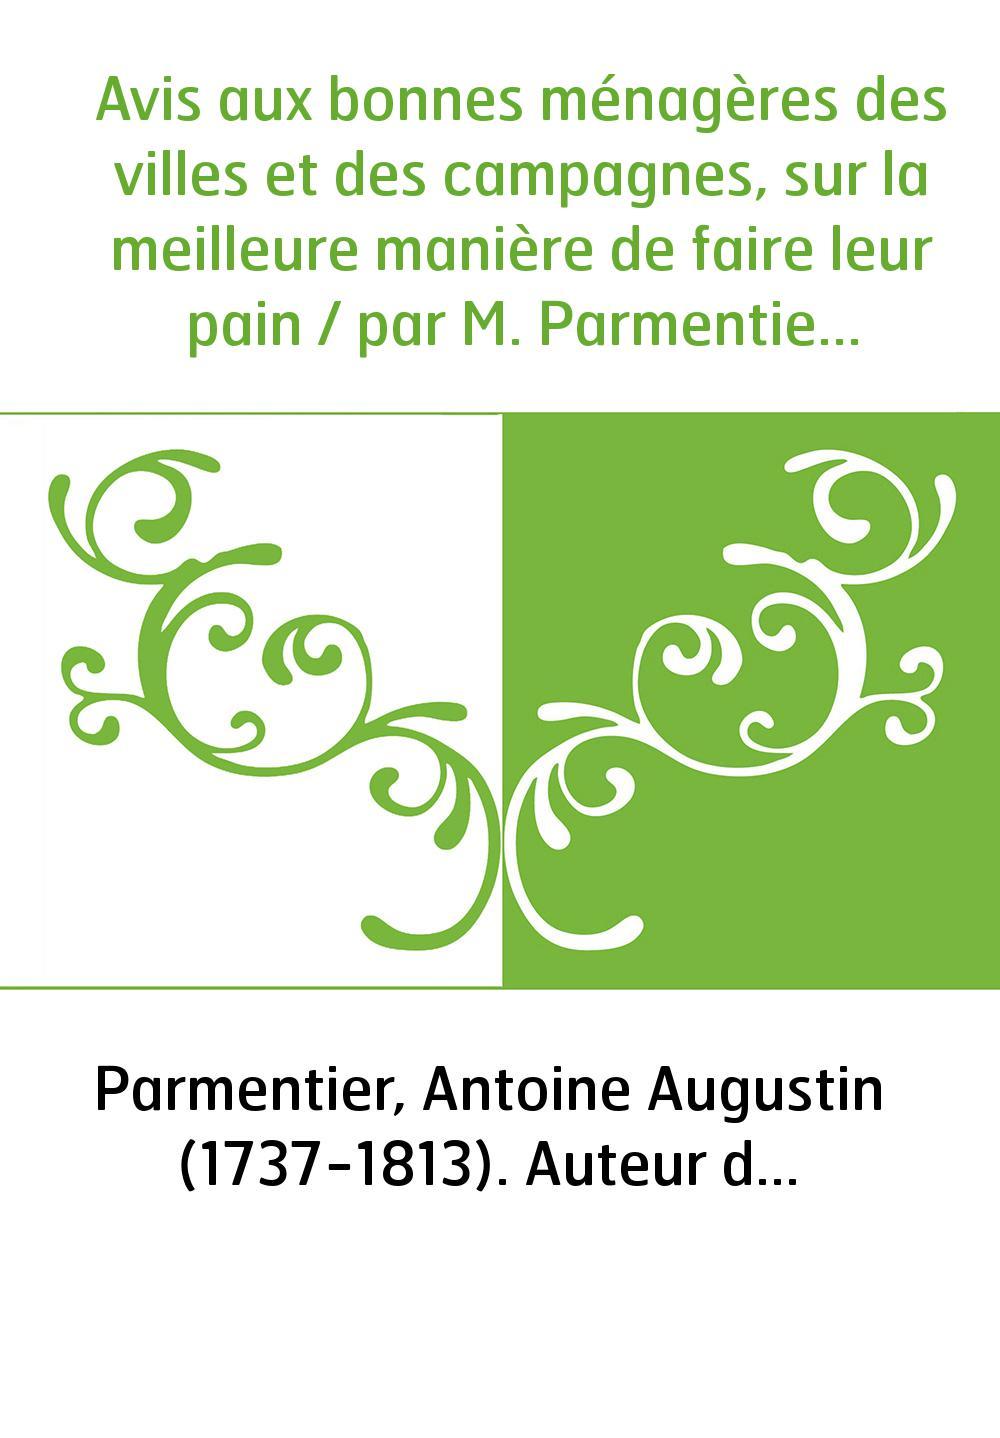 Avis aux bonnes ménagères des villes et des campagnes, sur la meilleure manière de faire leur pain / par M. Parmentier